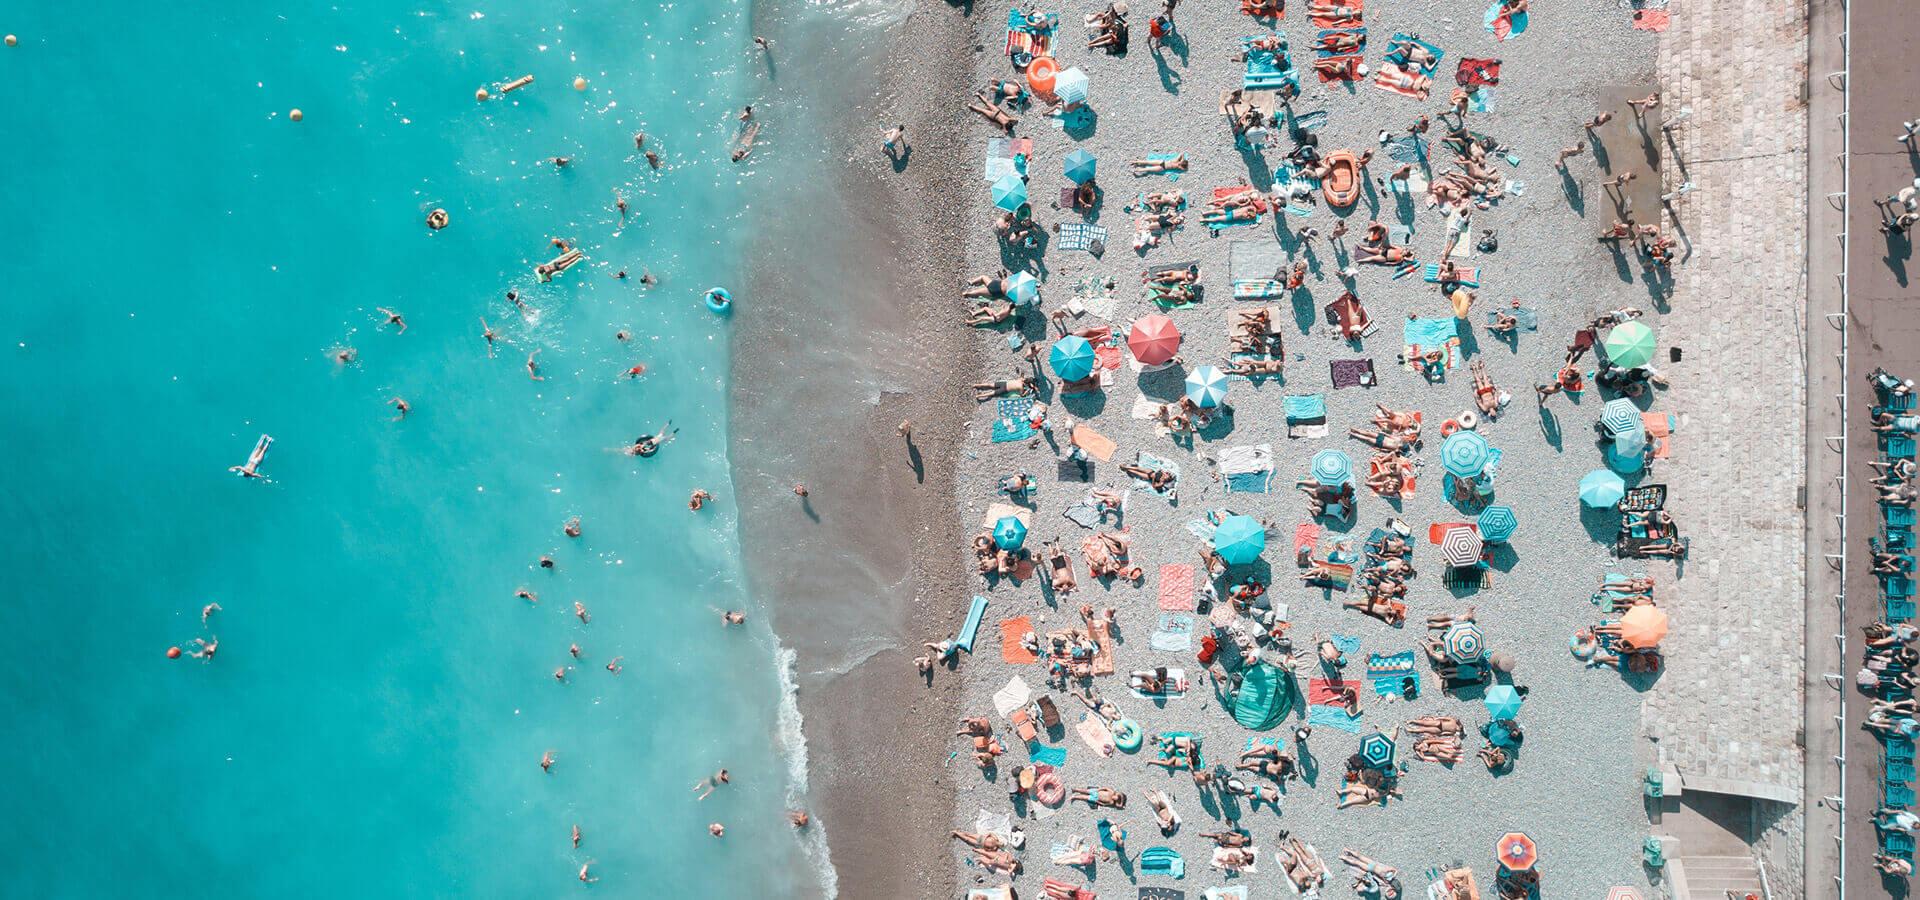 Tłum plażowiczów na plaży